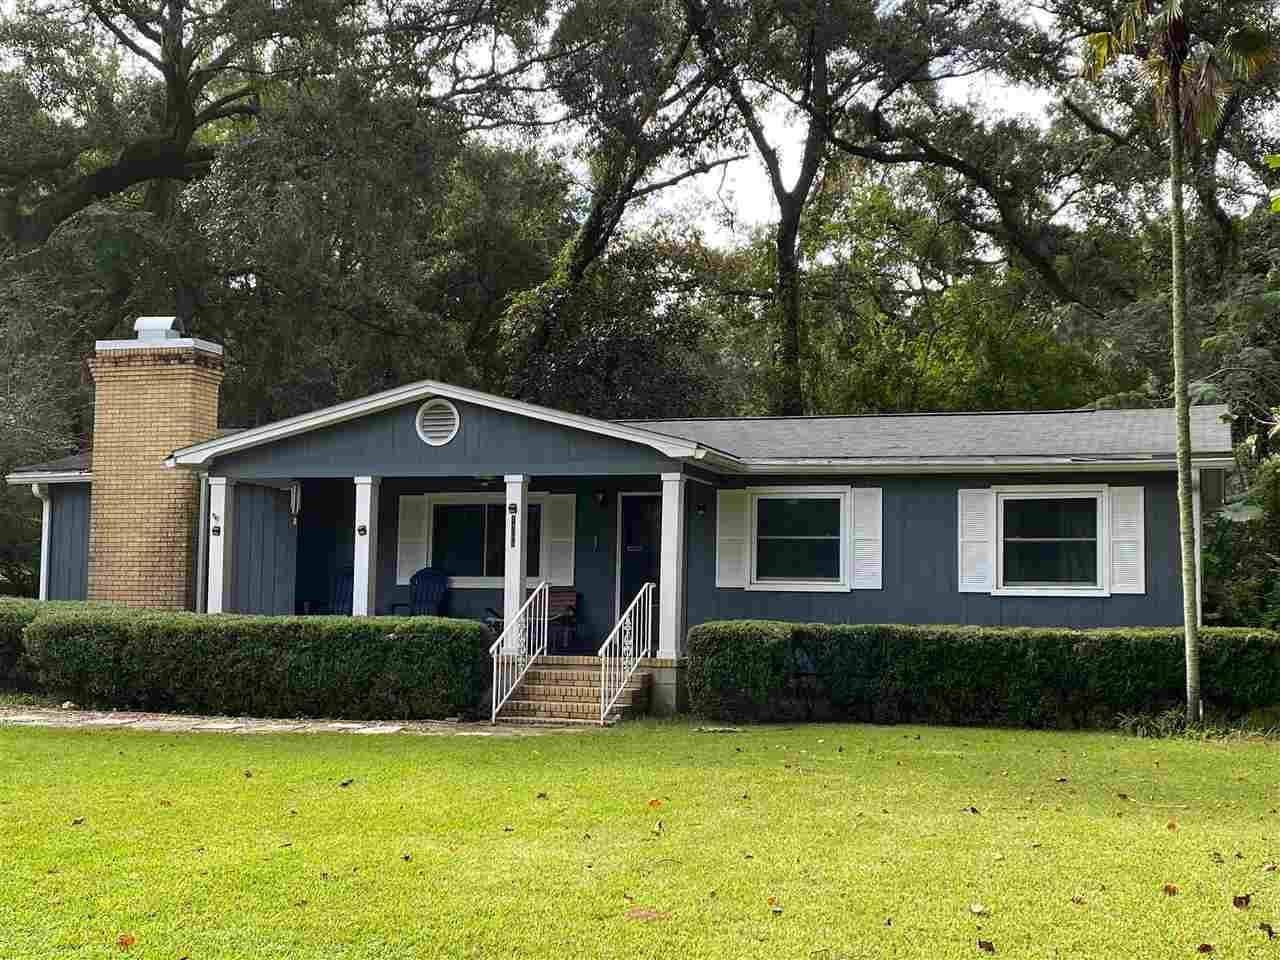 Photo of 1305 Elwell Drive, TALLAHASSEE, FL 32303 (MLS # 324197)